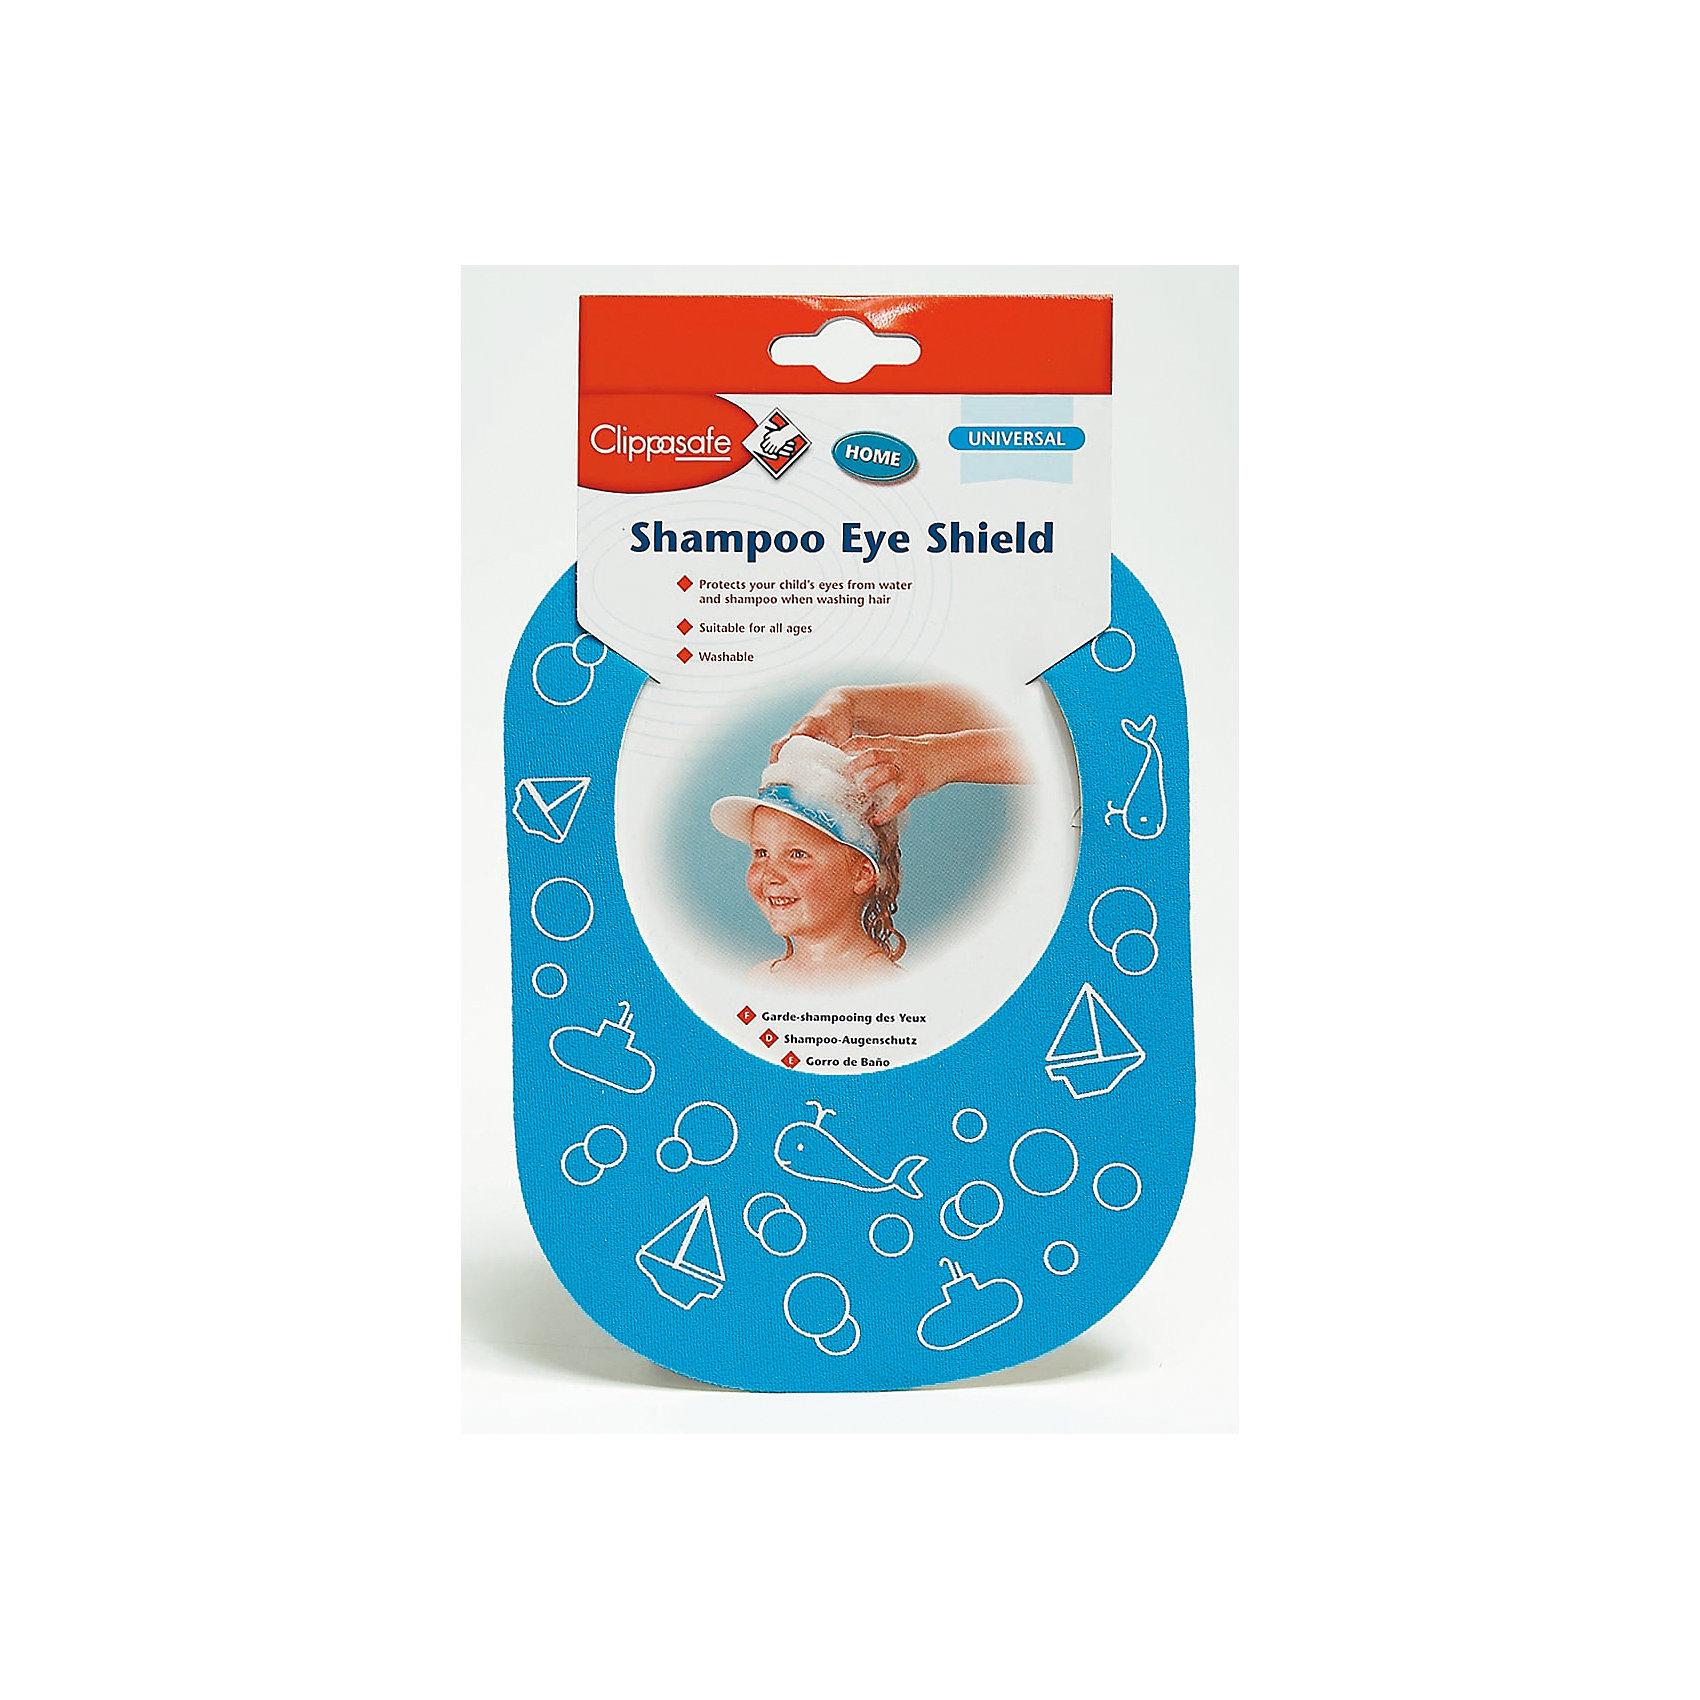 Защитный козырек для купания ребенка, Clippasafe, голубойПрочие аксессуары<br>Козырек CLIPPASAFE поможет защитить глаза вашего ребенка от попадания шампуня. Козырек очень удобен в применении, регулируется с учетом объема головы. С ним купание станет еще веселее и приятней!<br>Дополнительная информация:<br>Цвет: голубой<br>Размер:3х20х15 см<br>Вес: 215 грамм<br>Козырек для купания CLIPPASAFE можно приобрести в нашем интернет-магазине.<br><br>Ширина мм: 150<br>Глубина мм: 200<br>Высота мм: 30<br>Вес г: 215<br>Возраст от месяцев: 8<br>Возраст до месяцев: 18<br>Пол: Унисекс<br>Возраст: Детский<br>SKU: 2614582